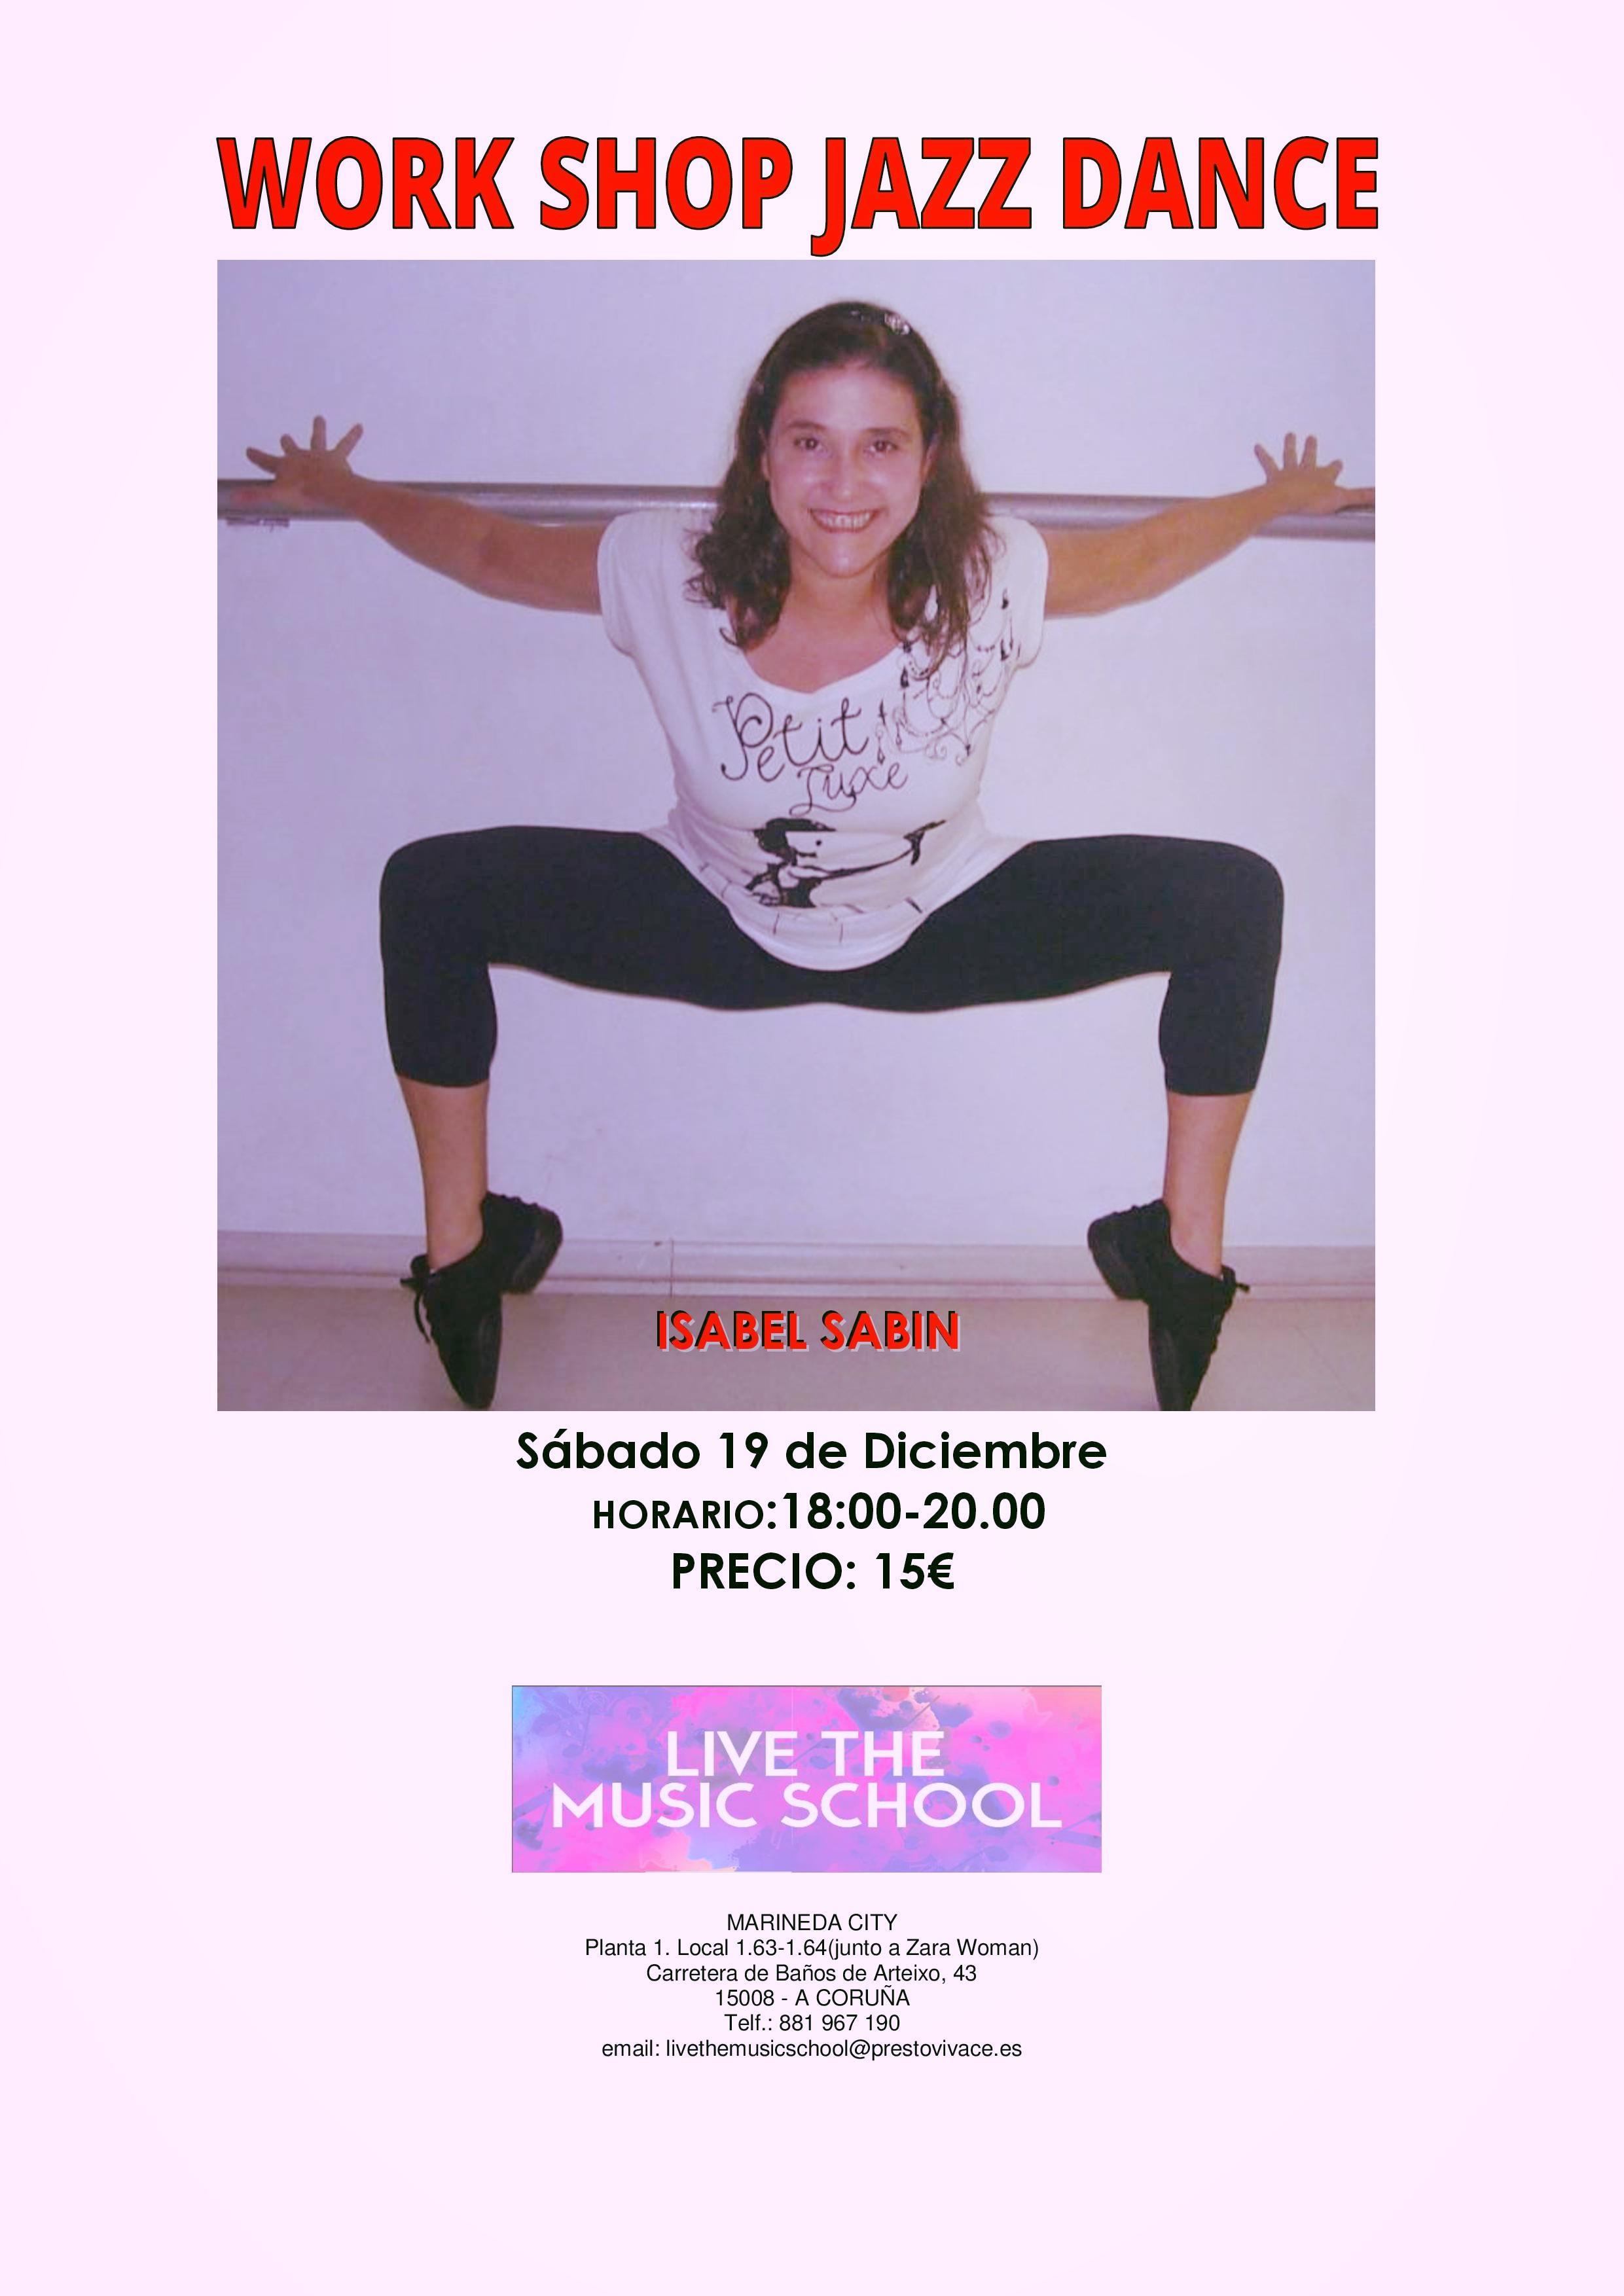 Isabel Sabin.  Su formación como bailarina comenzó en Sao Paulo ( Brasil) en Ballet Clásico, Jazz Dance ,Baile Moderno y Teatro Musical,continuó con la misma en países como Inglaterra, Italia y España.  Fundadora y Directora de Steps (A Coruña) una de las primeras escuelas de Danza Moderna de la ciudad. Su compañía de Danza ha participado en varios eventos y producciones de gran calidad con gran éxito de público y de medios de comunicación de toda Galicia.  En este Work Shop se centrará en el aprendizaje de dos coreografías, una de Jazz Lírico unida a otra de jazz de estilo musical, con temas actuales pero con la técnica de Jazz de Leny Dale.